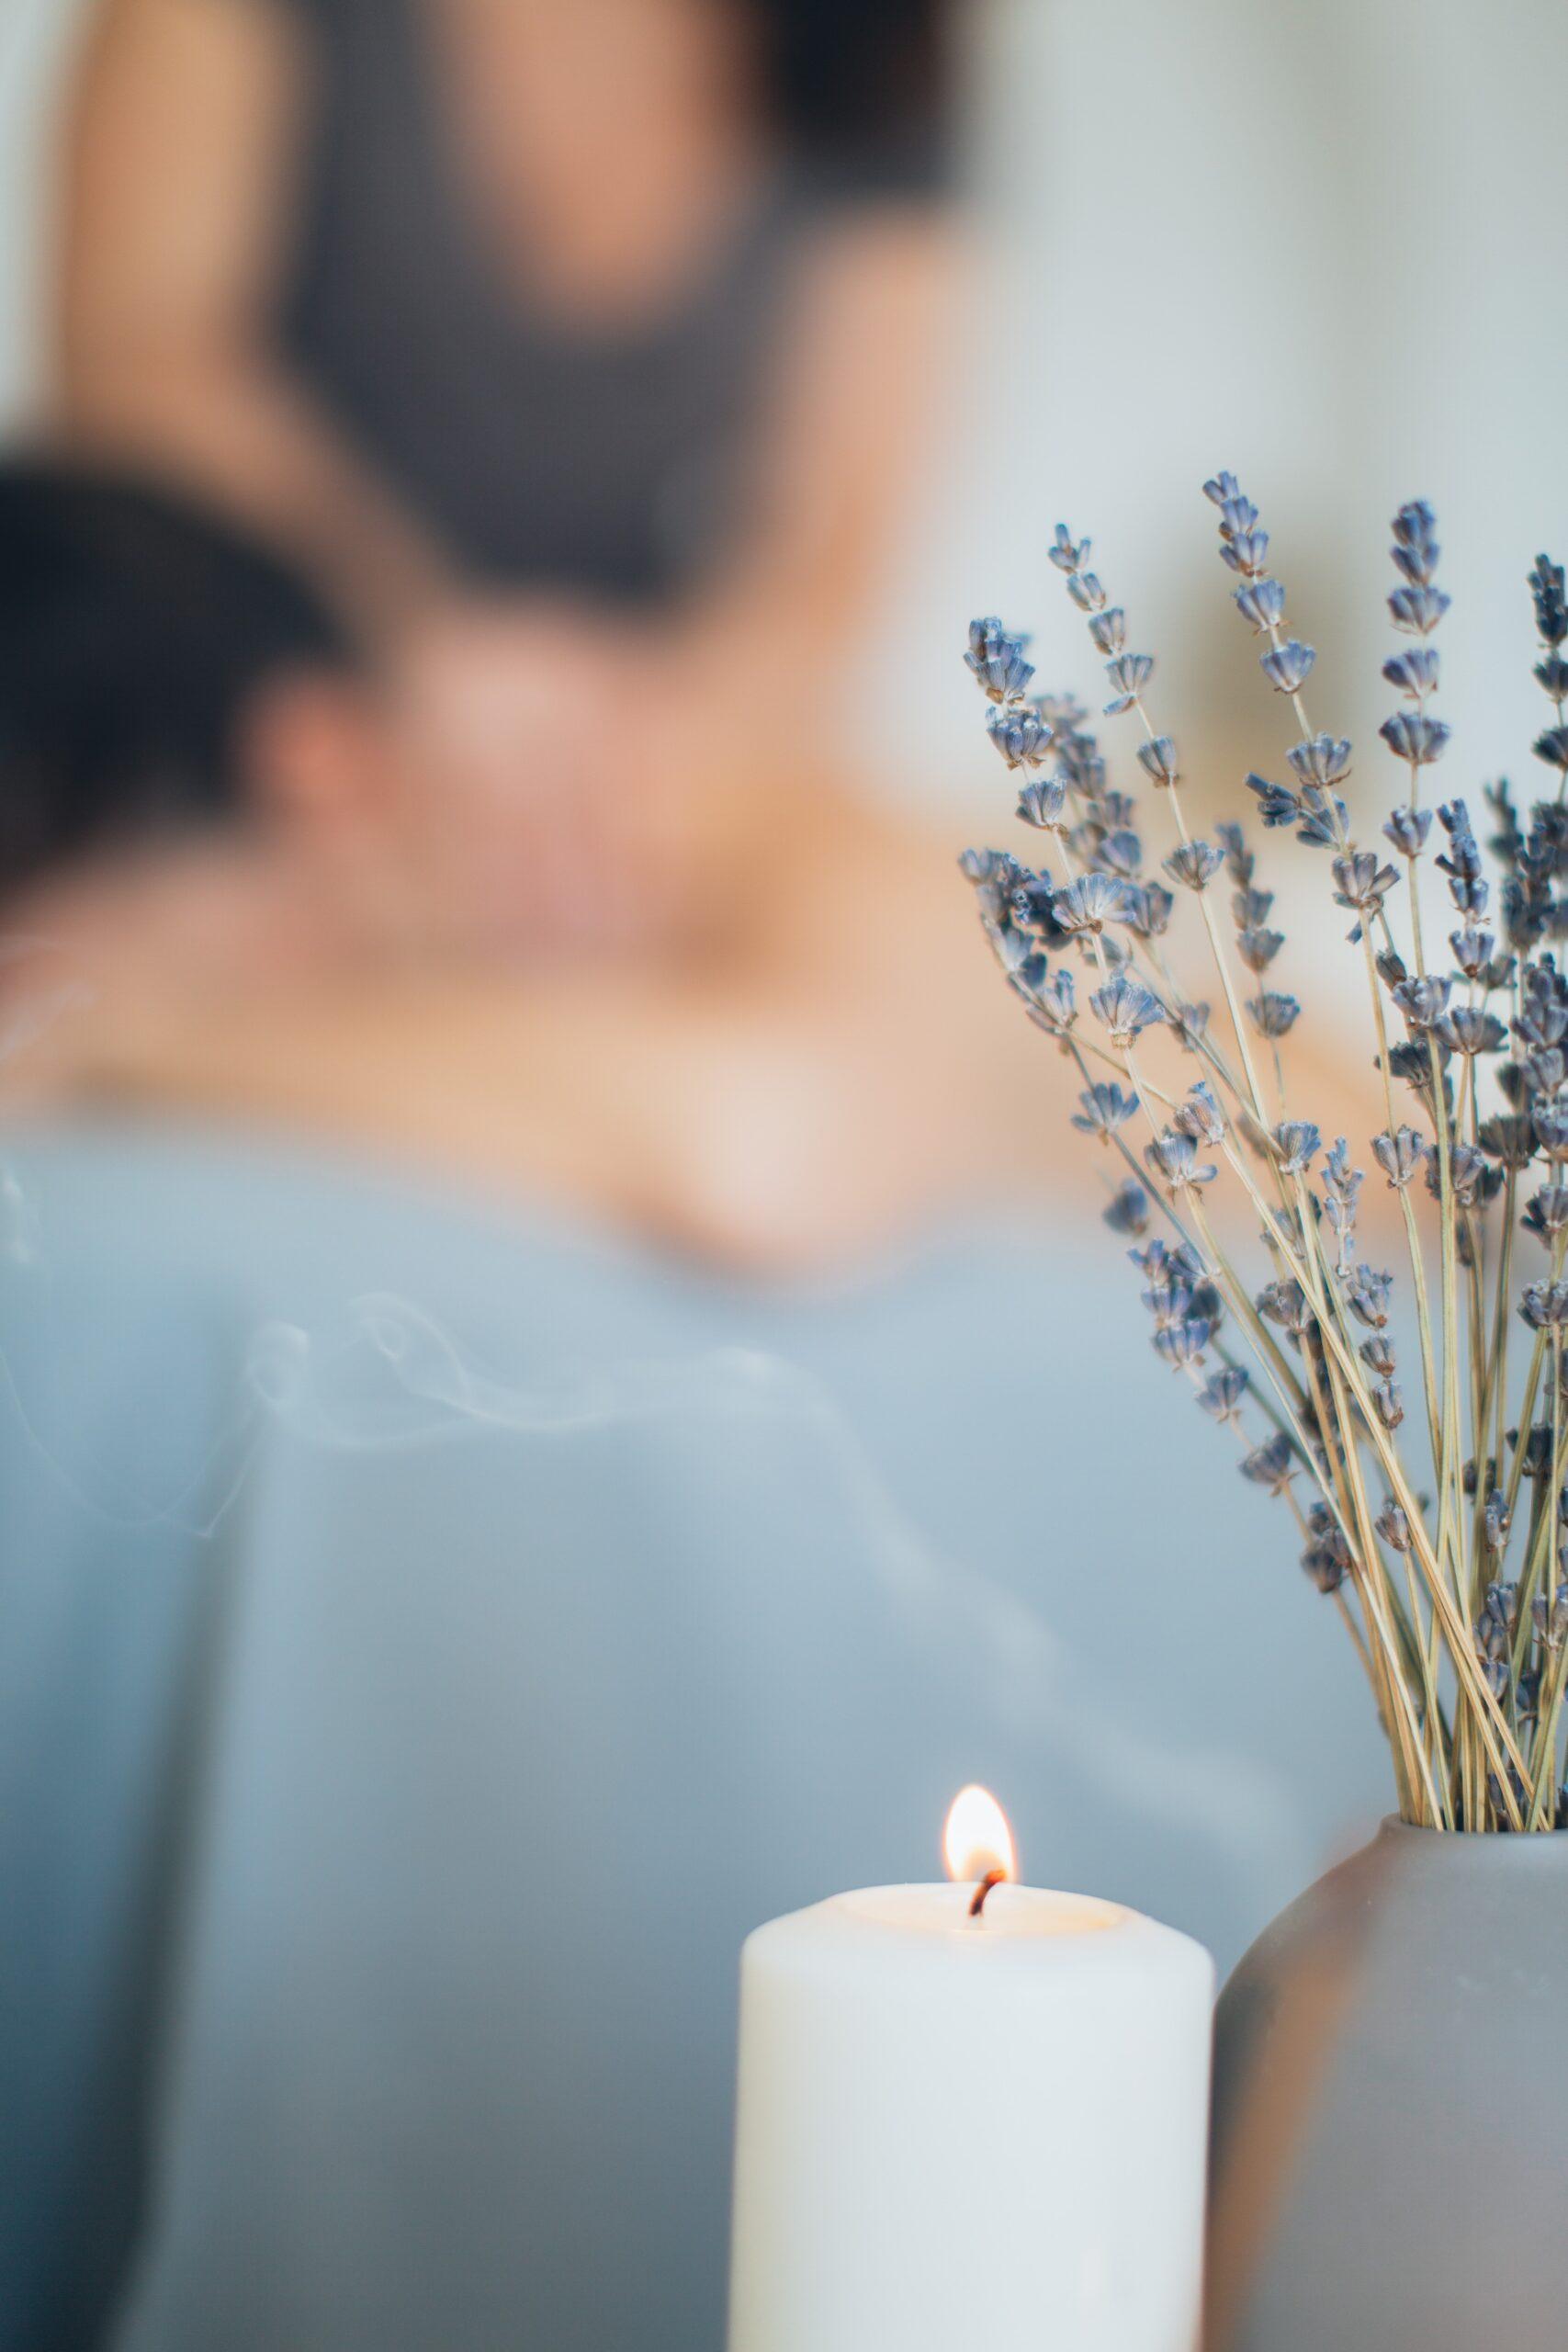 Reiki healing attunement